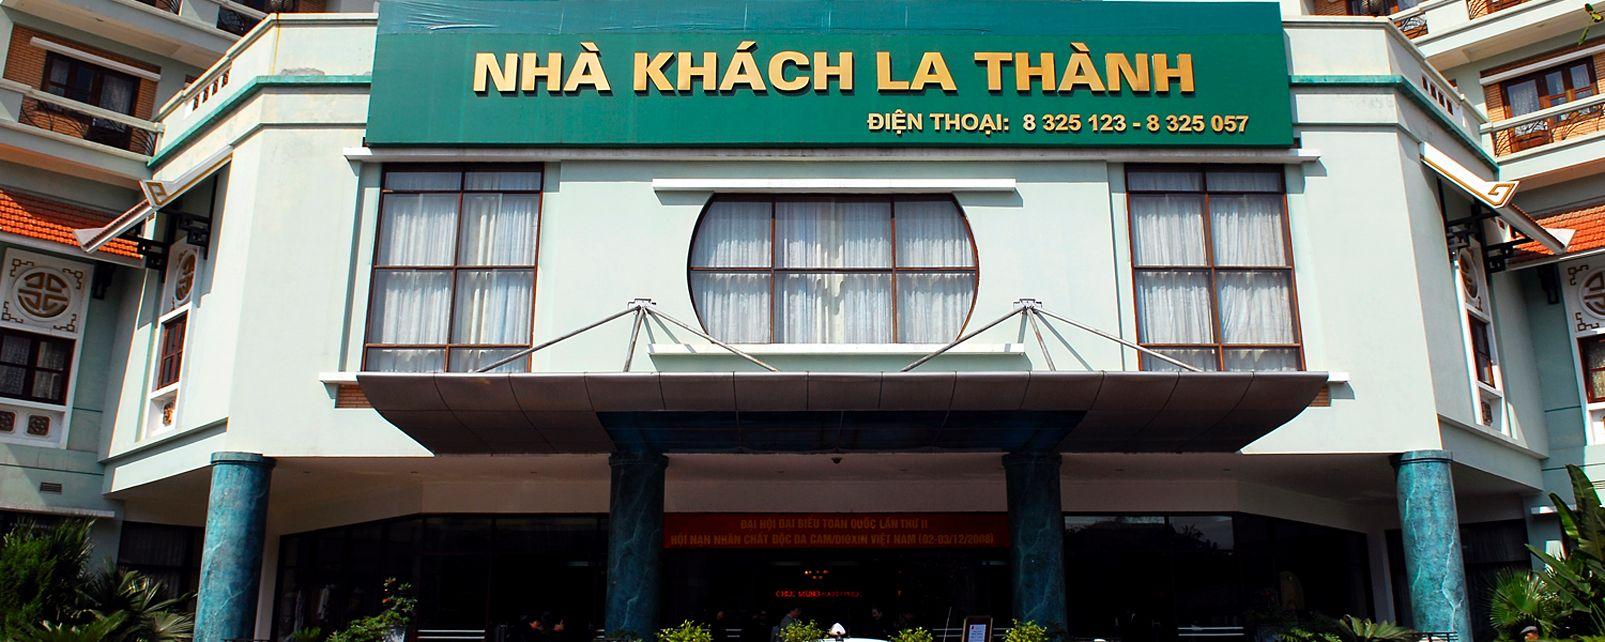 Hotel La Than Hotel